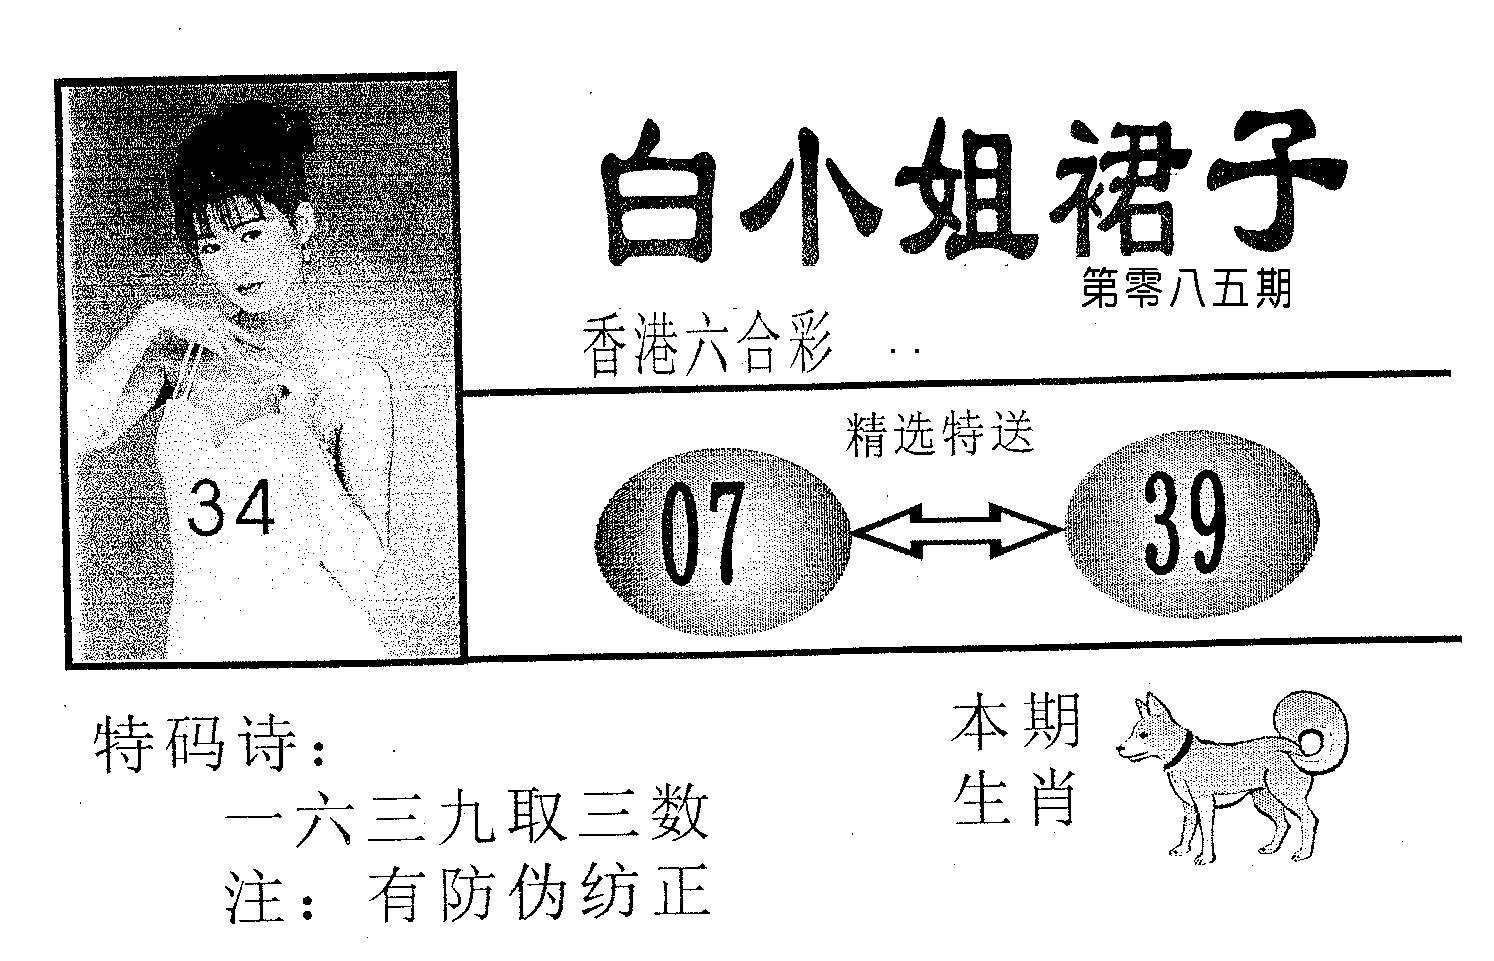 085期白姐裙子(黑白)